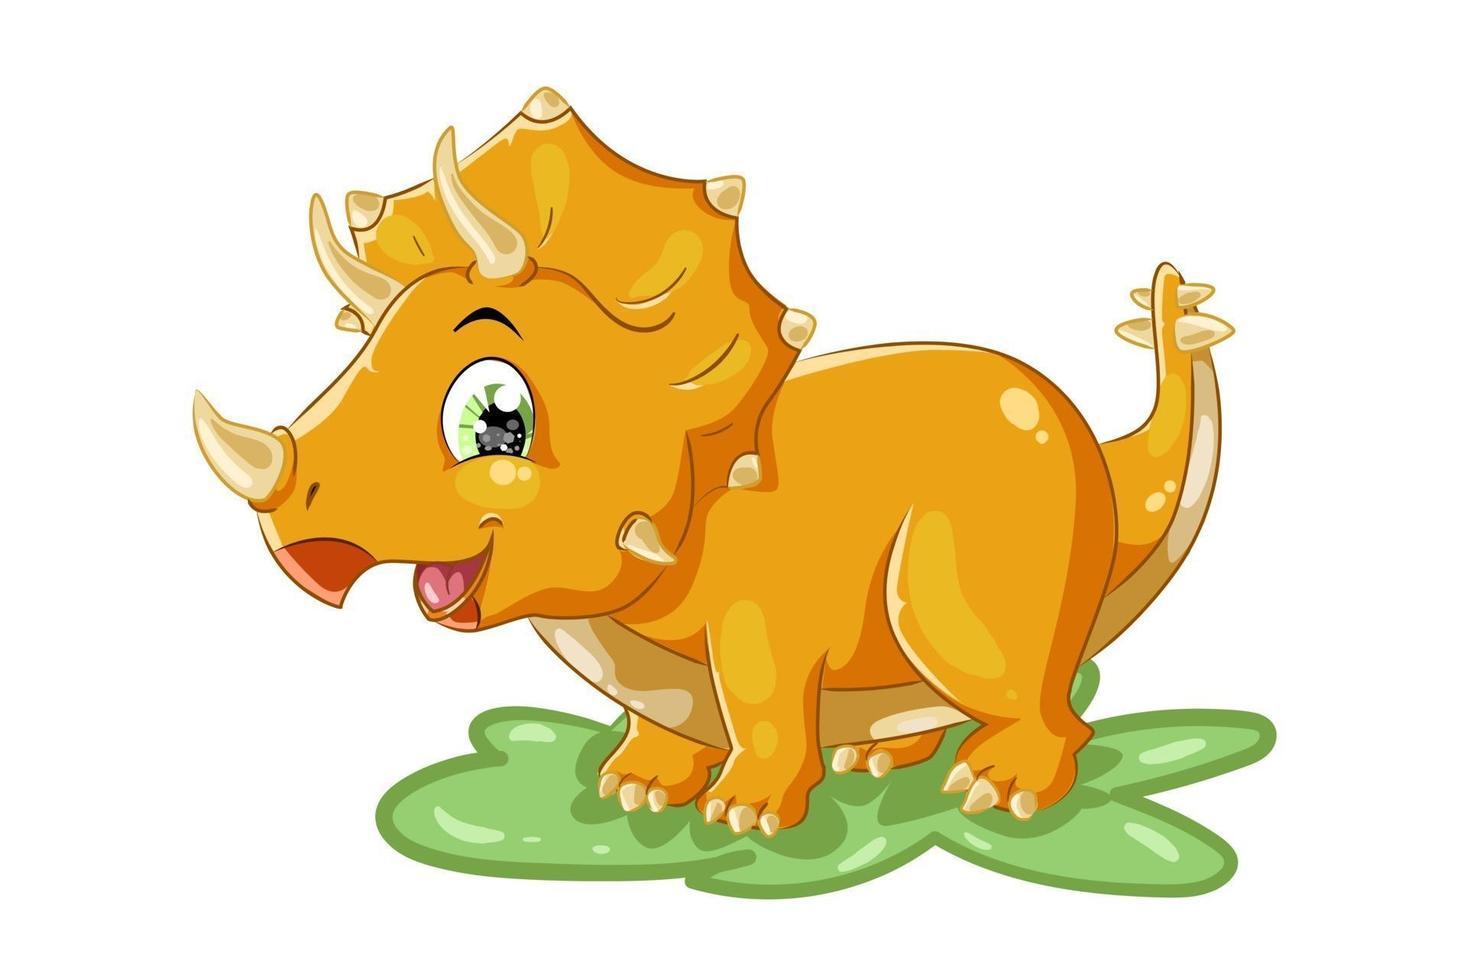 eine niedliche gelbe Triceratops-Tierkarikaturillustration vektor